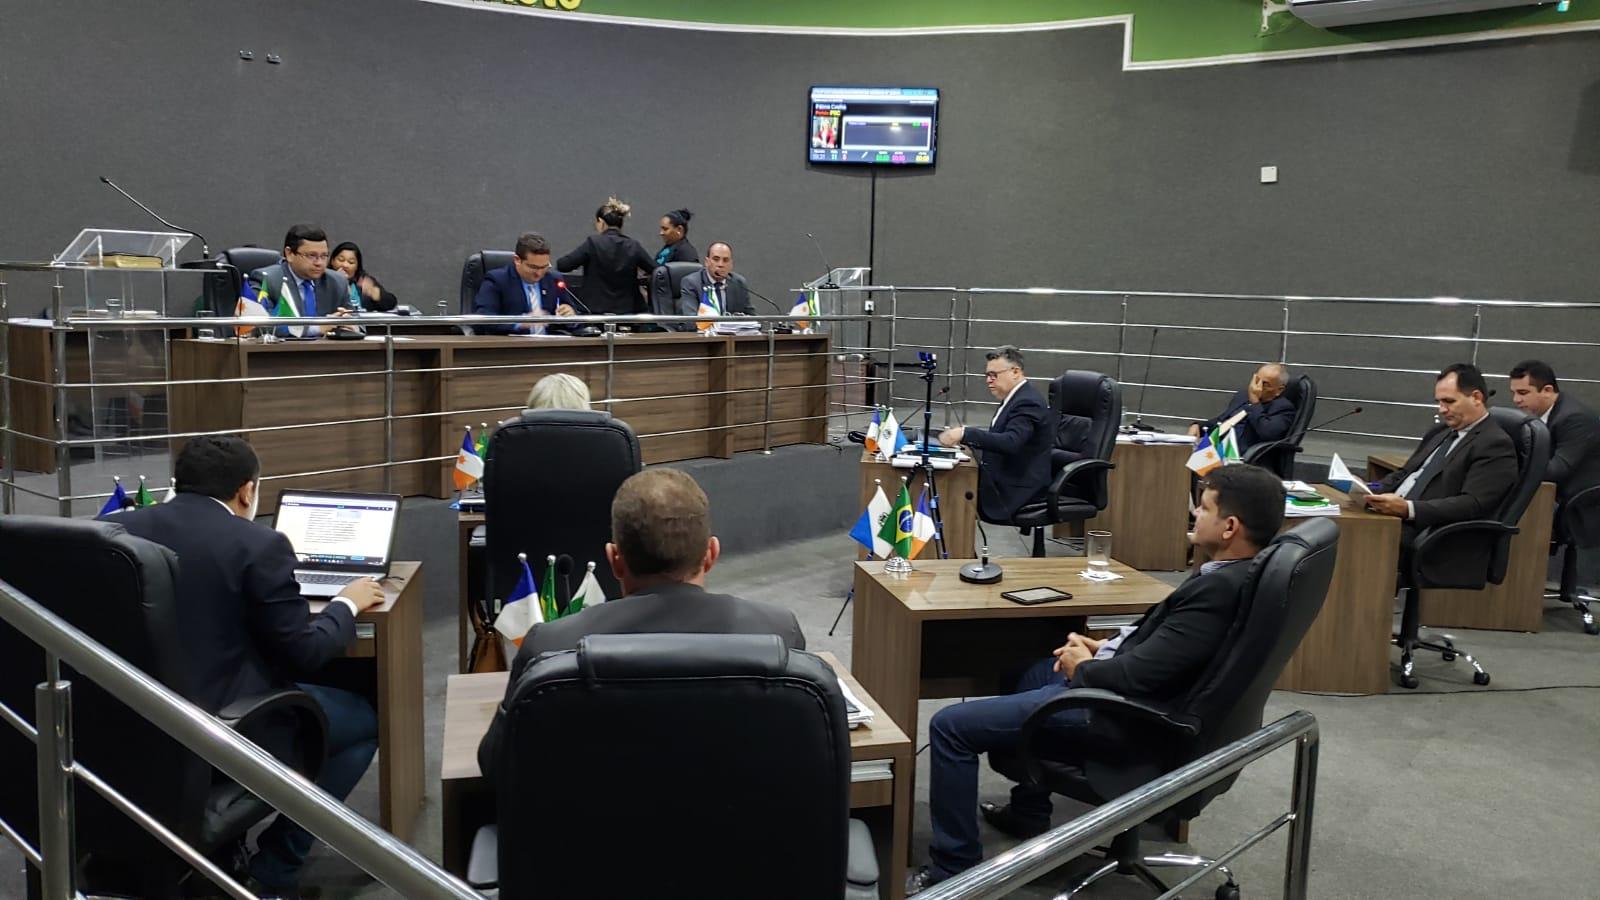 Câmara de Guaraí realiza sessões noturnas para deliberar requerimentos e projetos em pauta